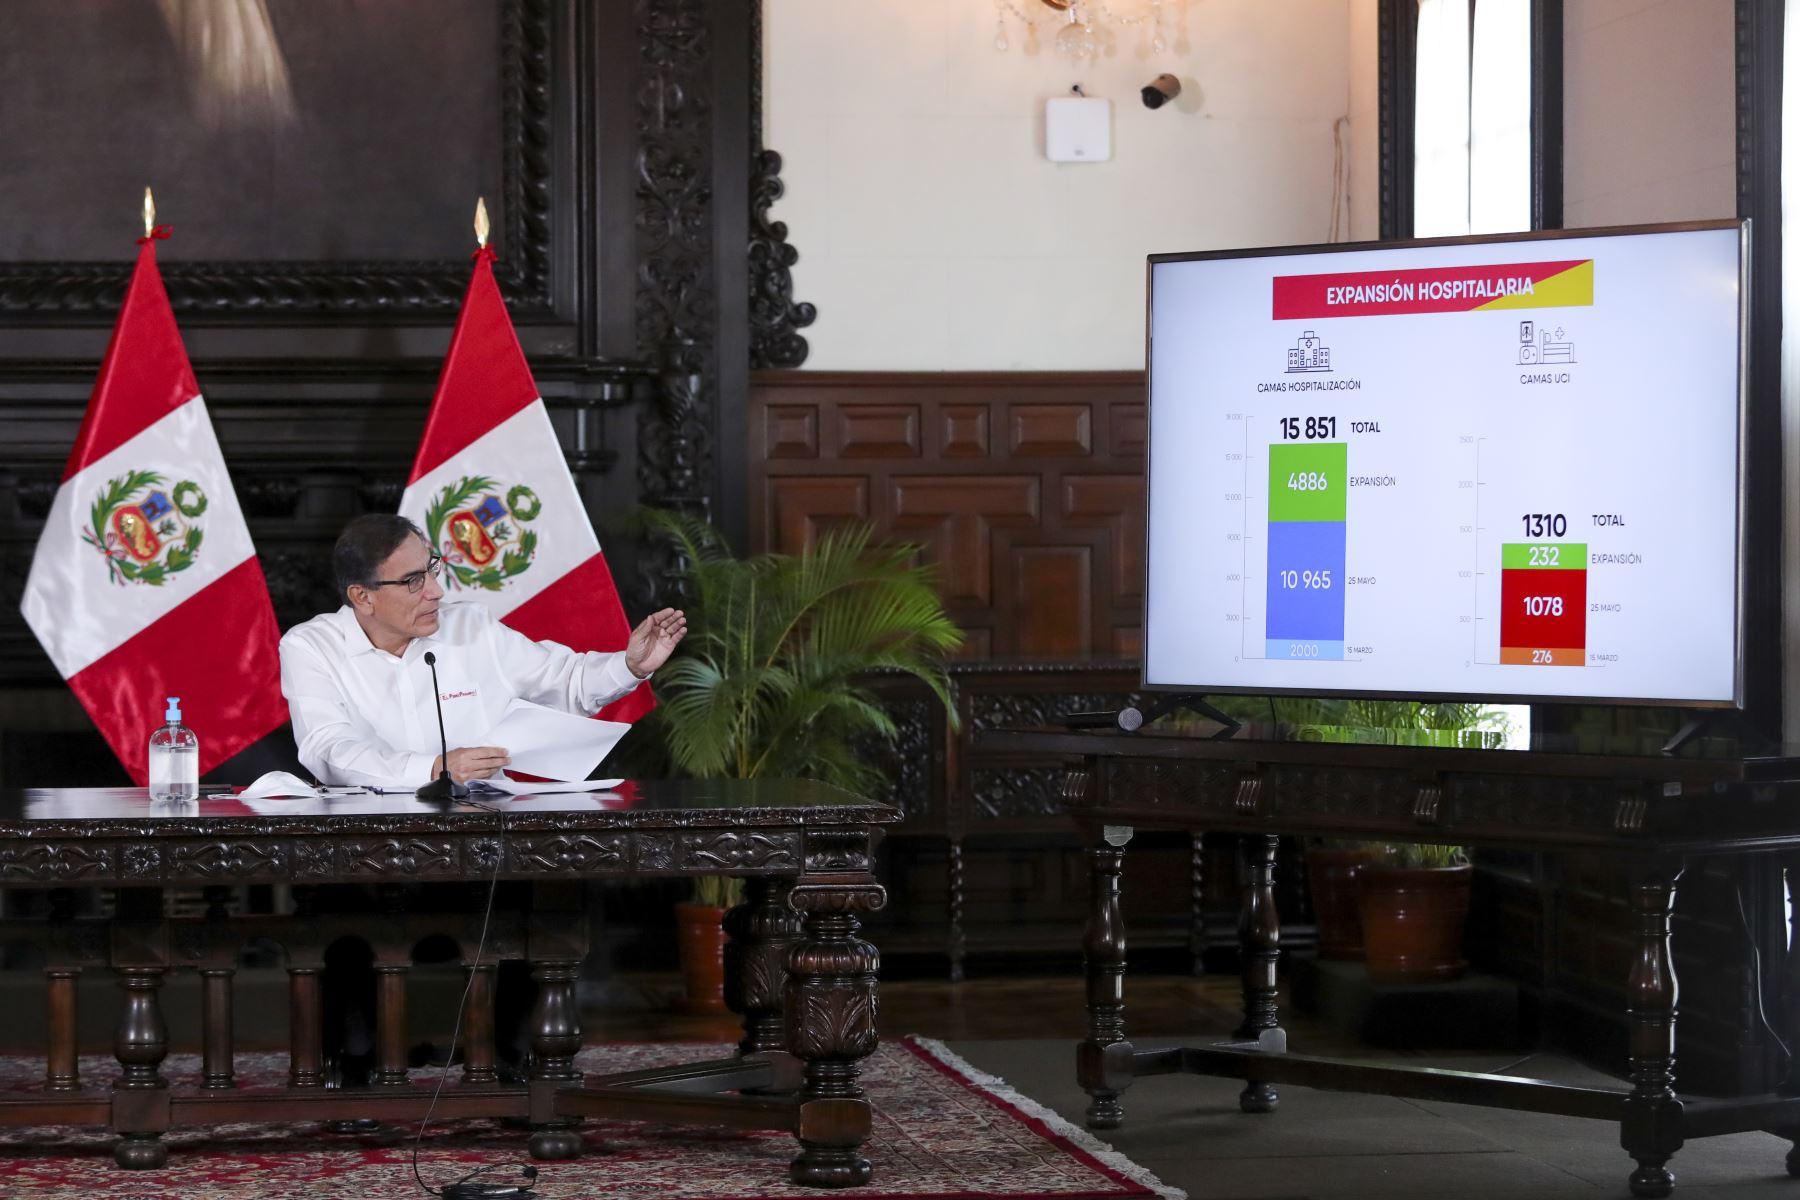 El presidente Martín Vizcarra informa a la ciudadanía los avances de las medidas adoptadas en el marco del estado de emergencia nacional prorrogado hasta el 30 de junio.  Foto: ANDINA/Prensa Presidencia